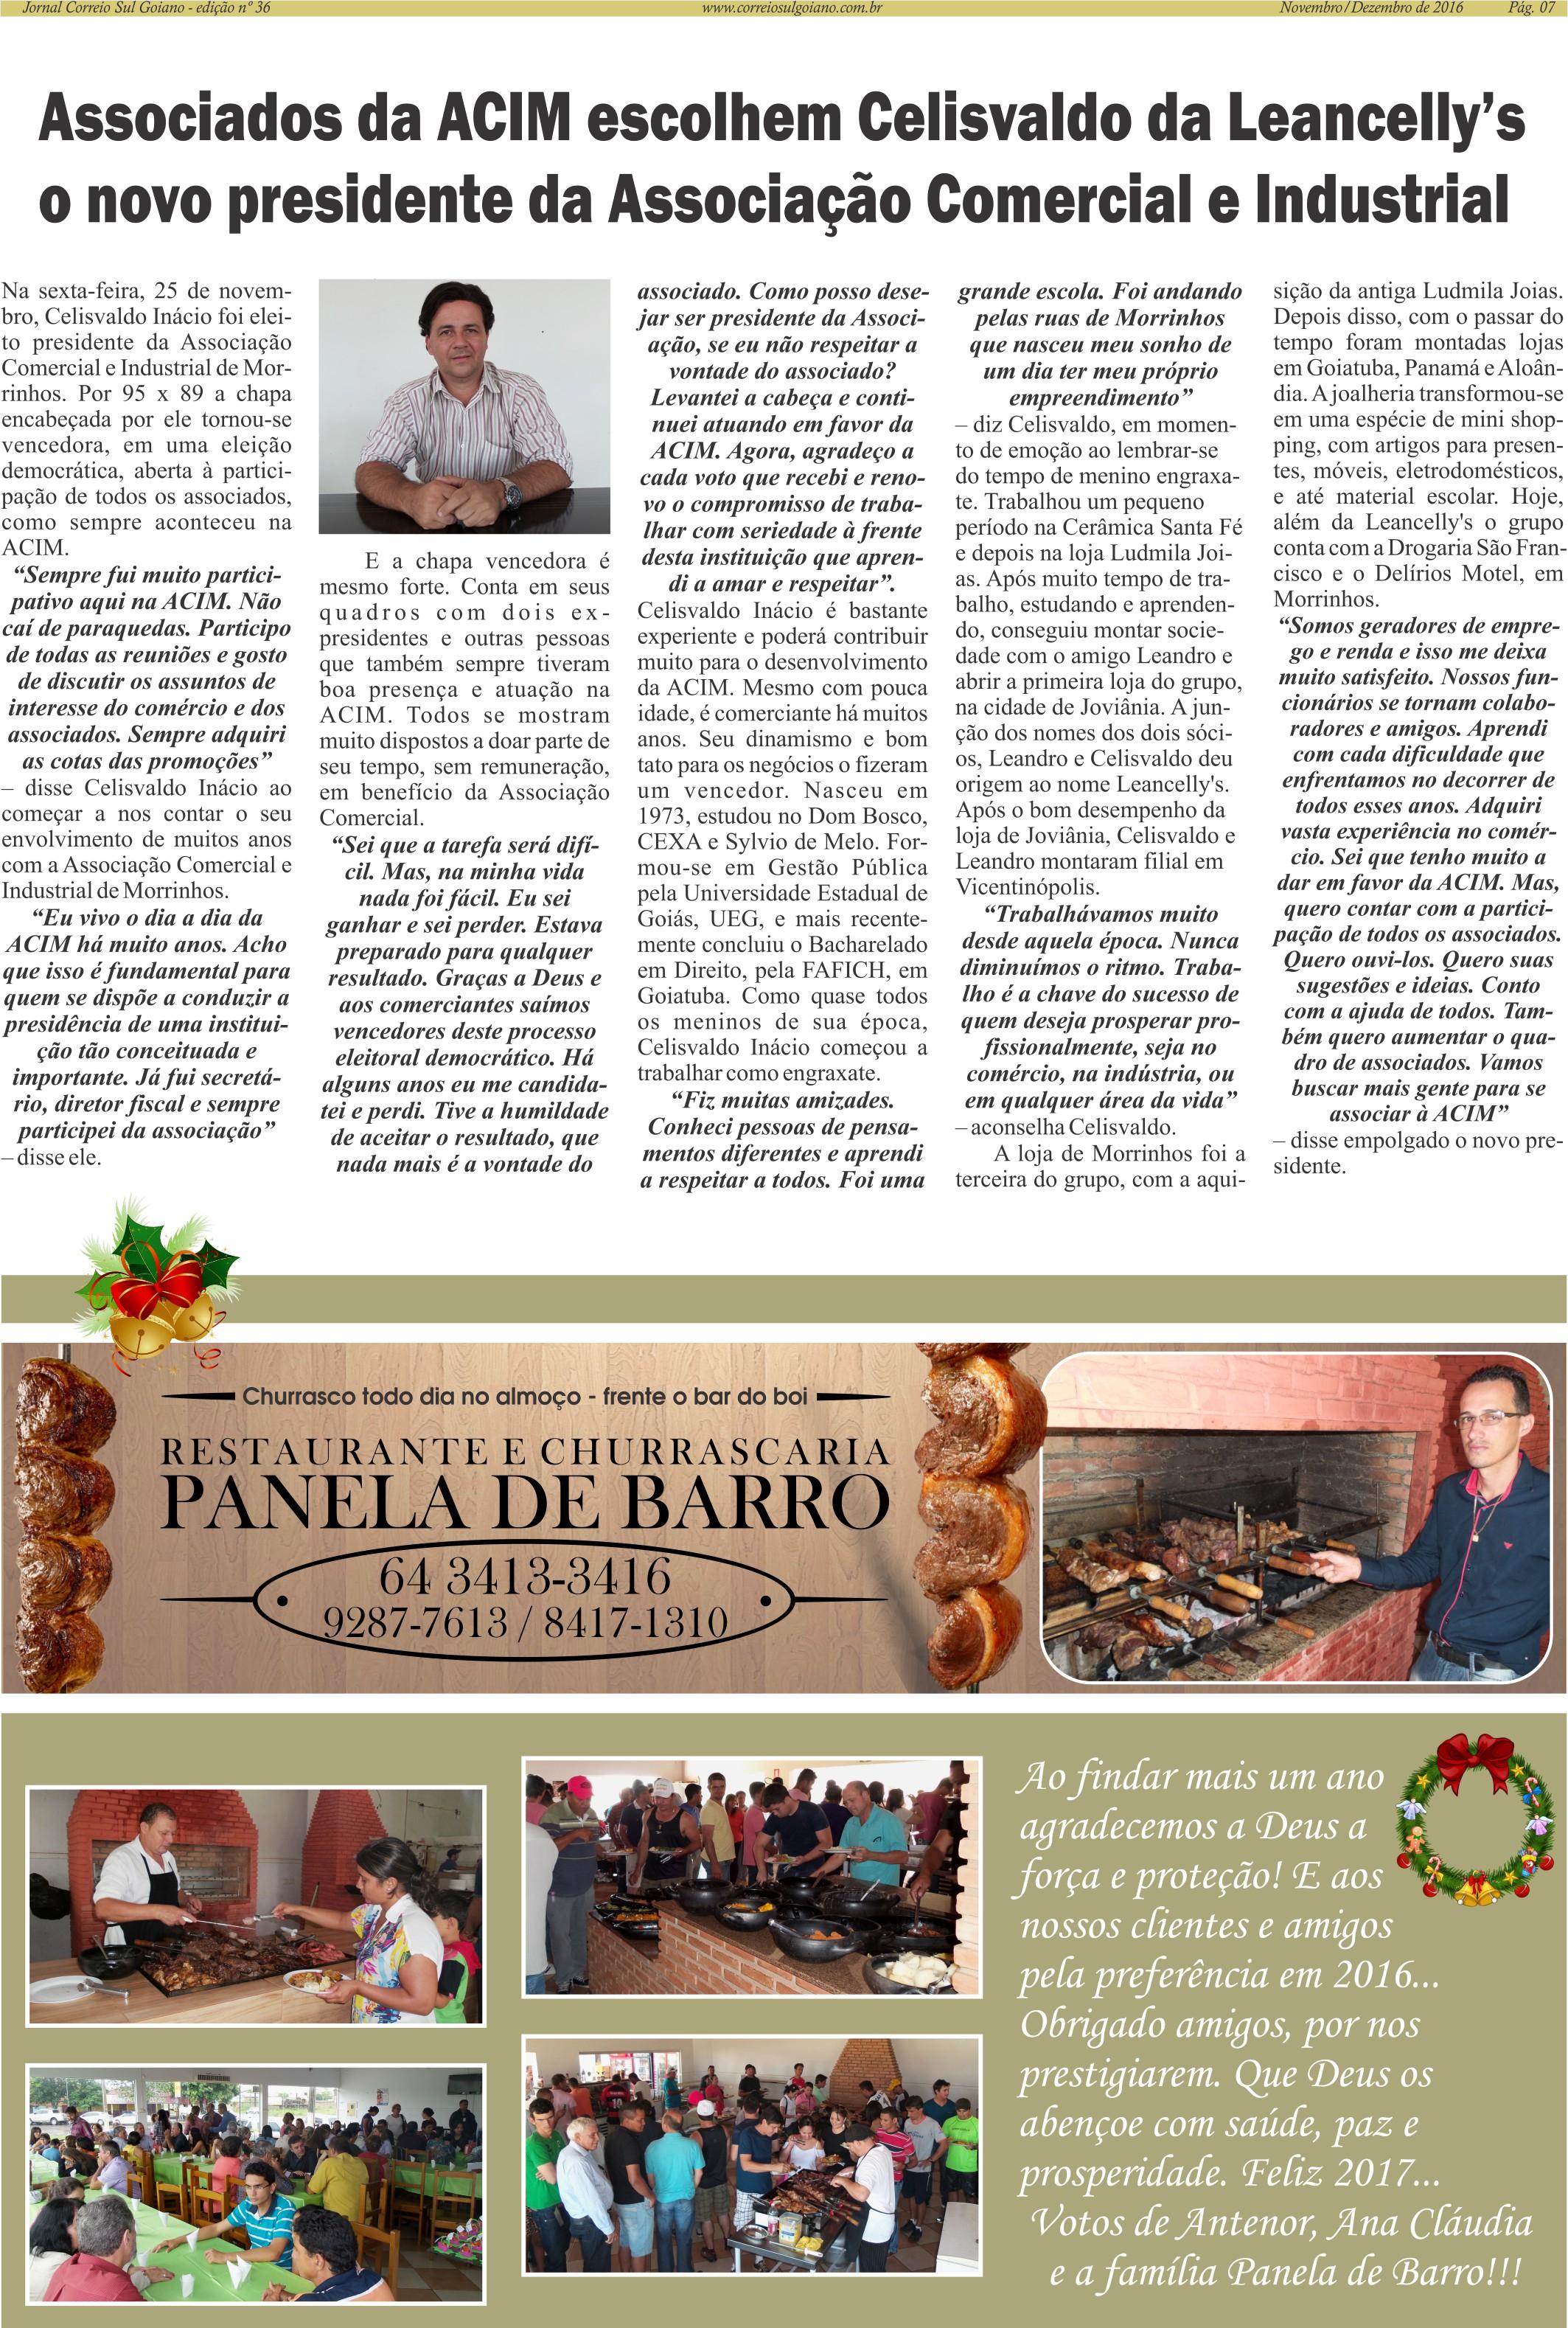 Edição nº 036 - Página 07